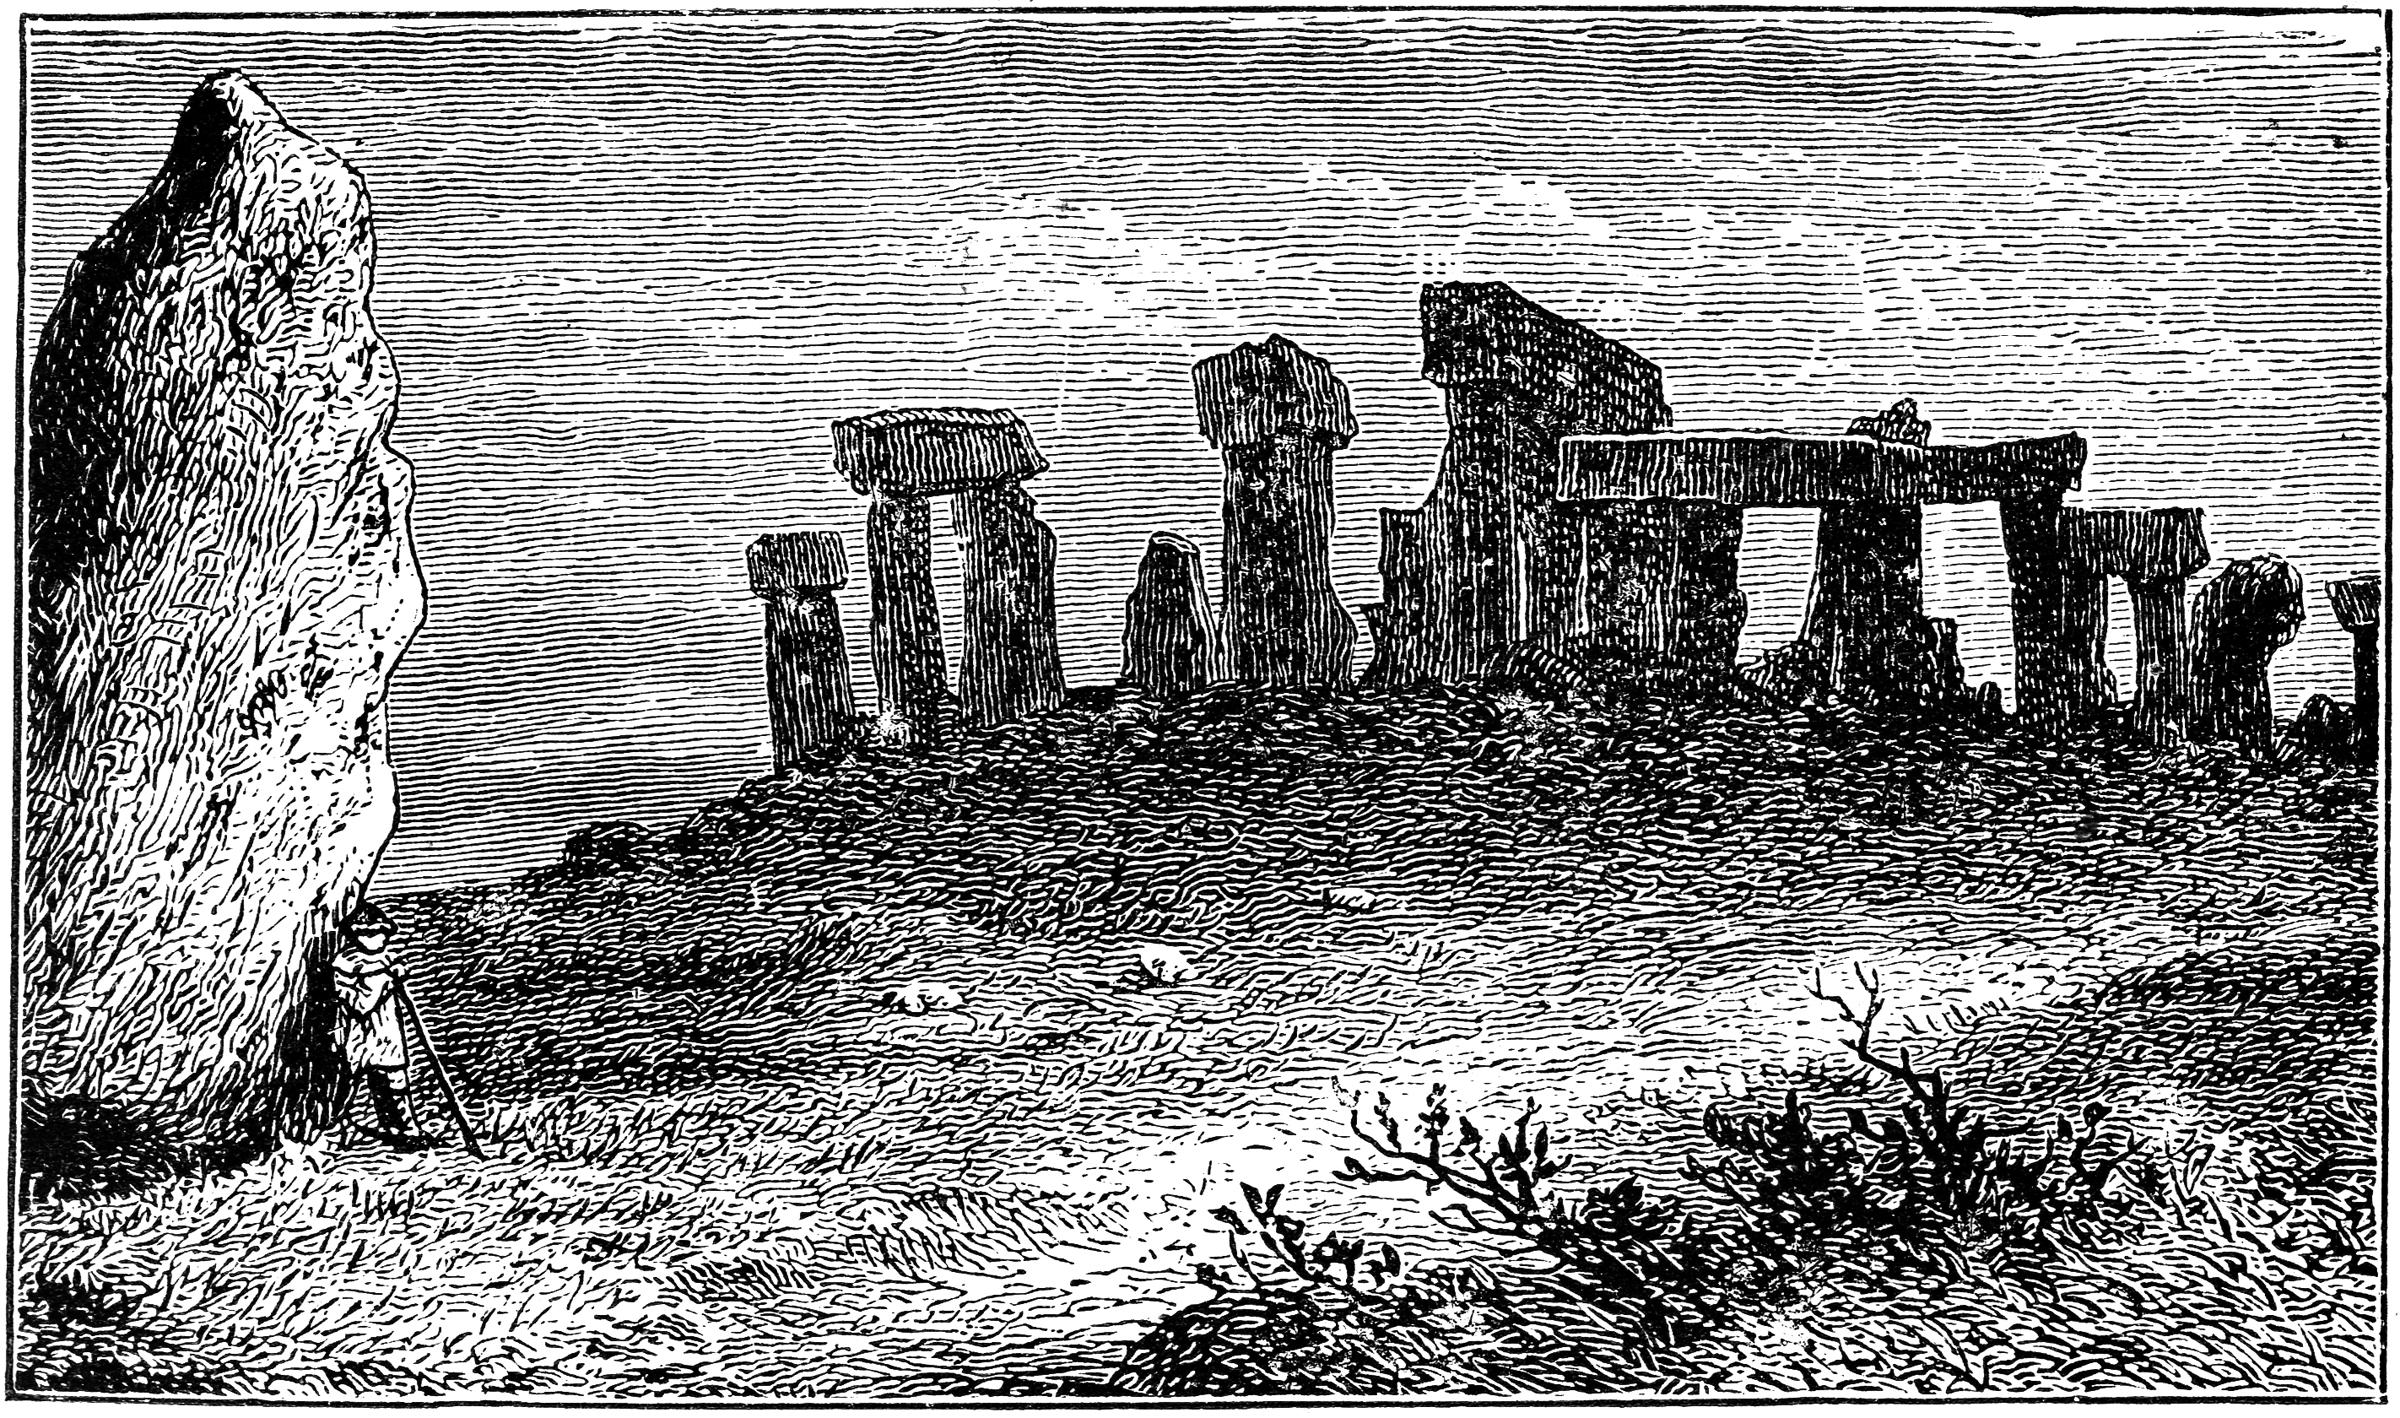 54244_stonehenge.jpg